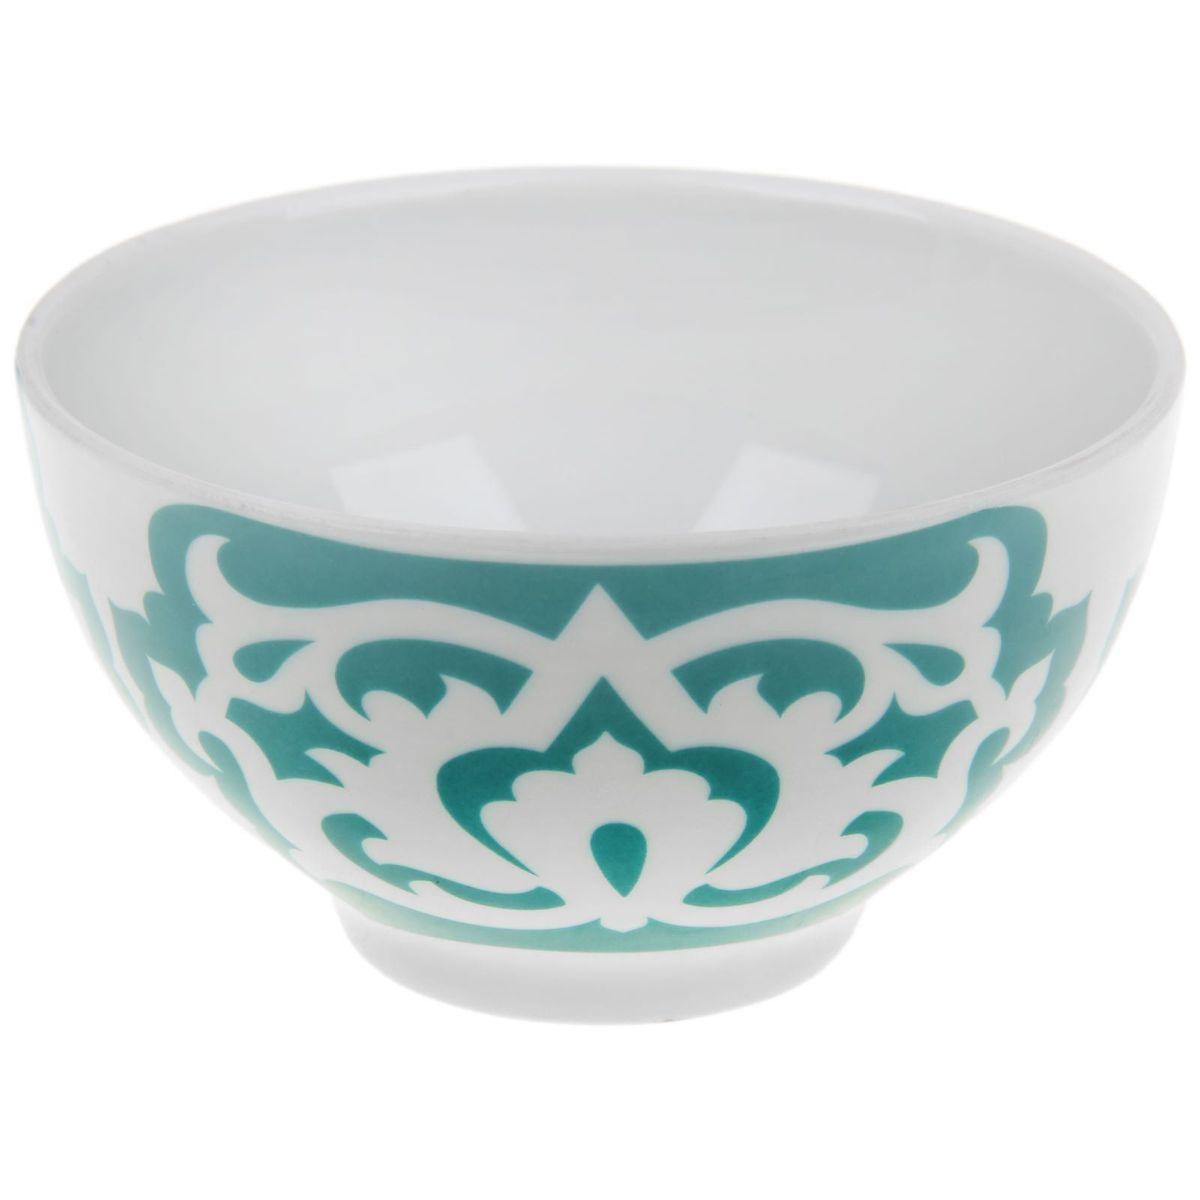 Пиала Азия, цвет: белый, зеленый, 330 мл115510Пиала Азия гармонично впишется в интерьер любой кухни. Изделие, выполненное из высококачественного фарфора, оформлено замысловатым орнаментом. Такая пиала прекрасно подойдет для подачи салата или мороженого. Она станет бесспорным украшением праздничного или обеденного стола. Пиала Азия дополнит коллекцию кухонной посуды и будет служить долгие годы.